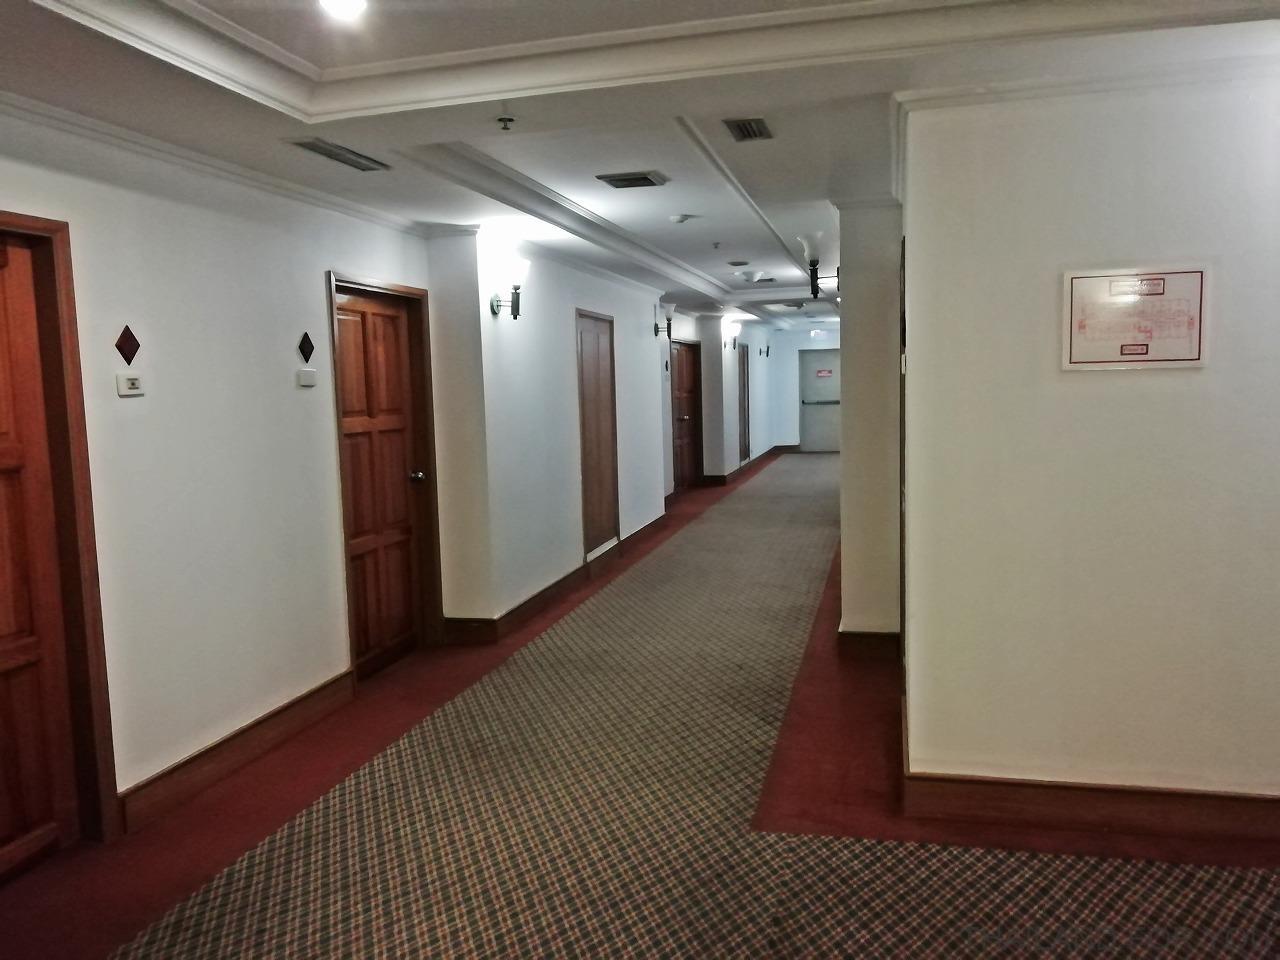 ライトーンホテル ウボンラチャタニ